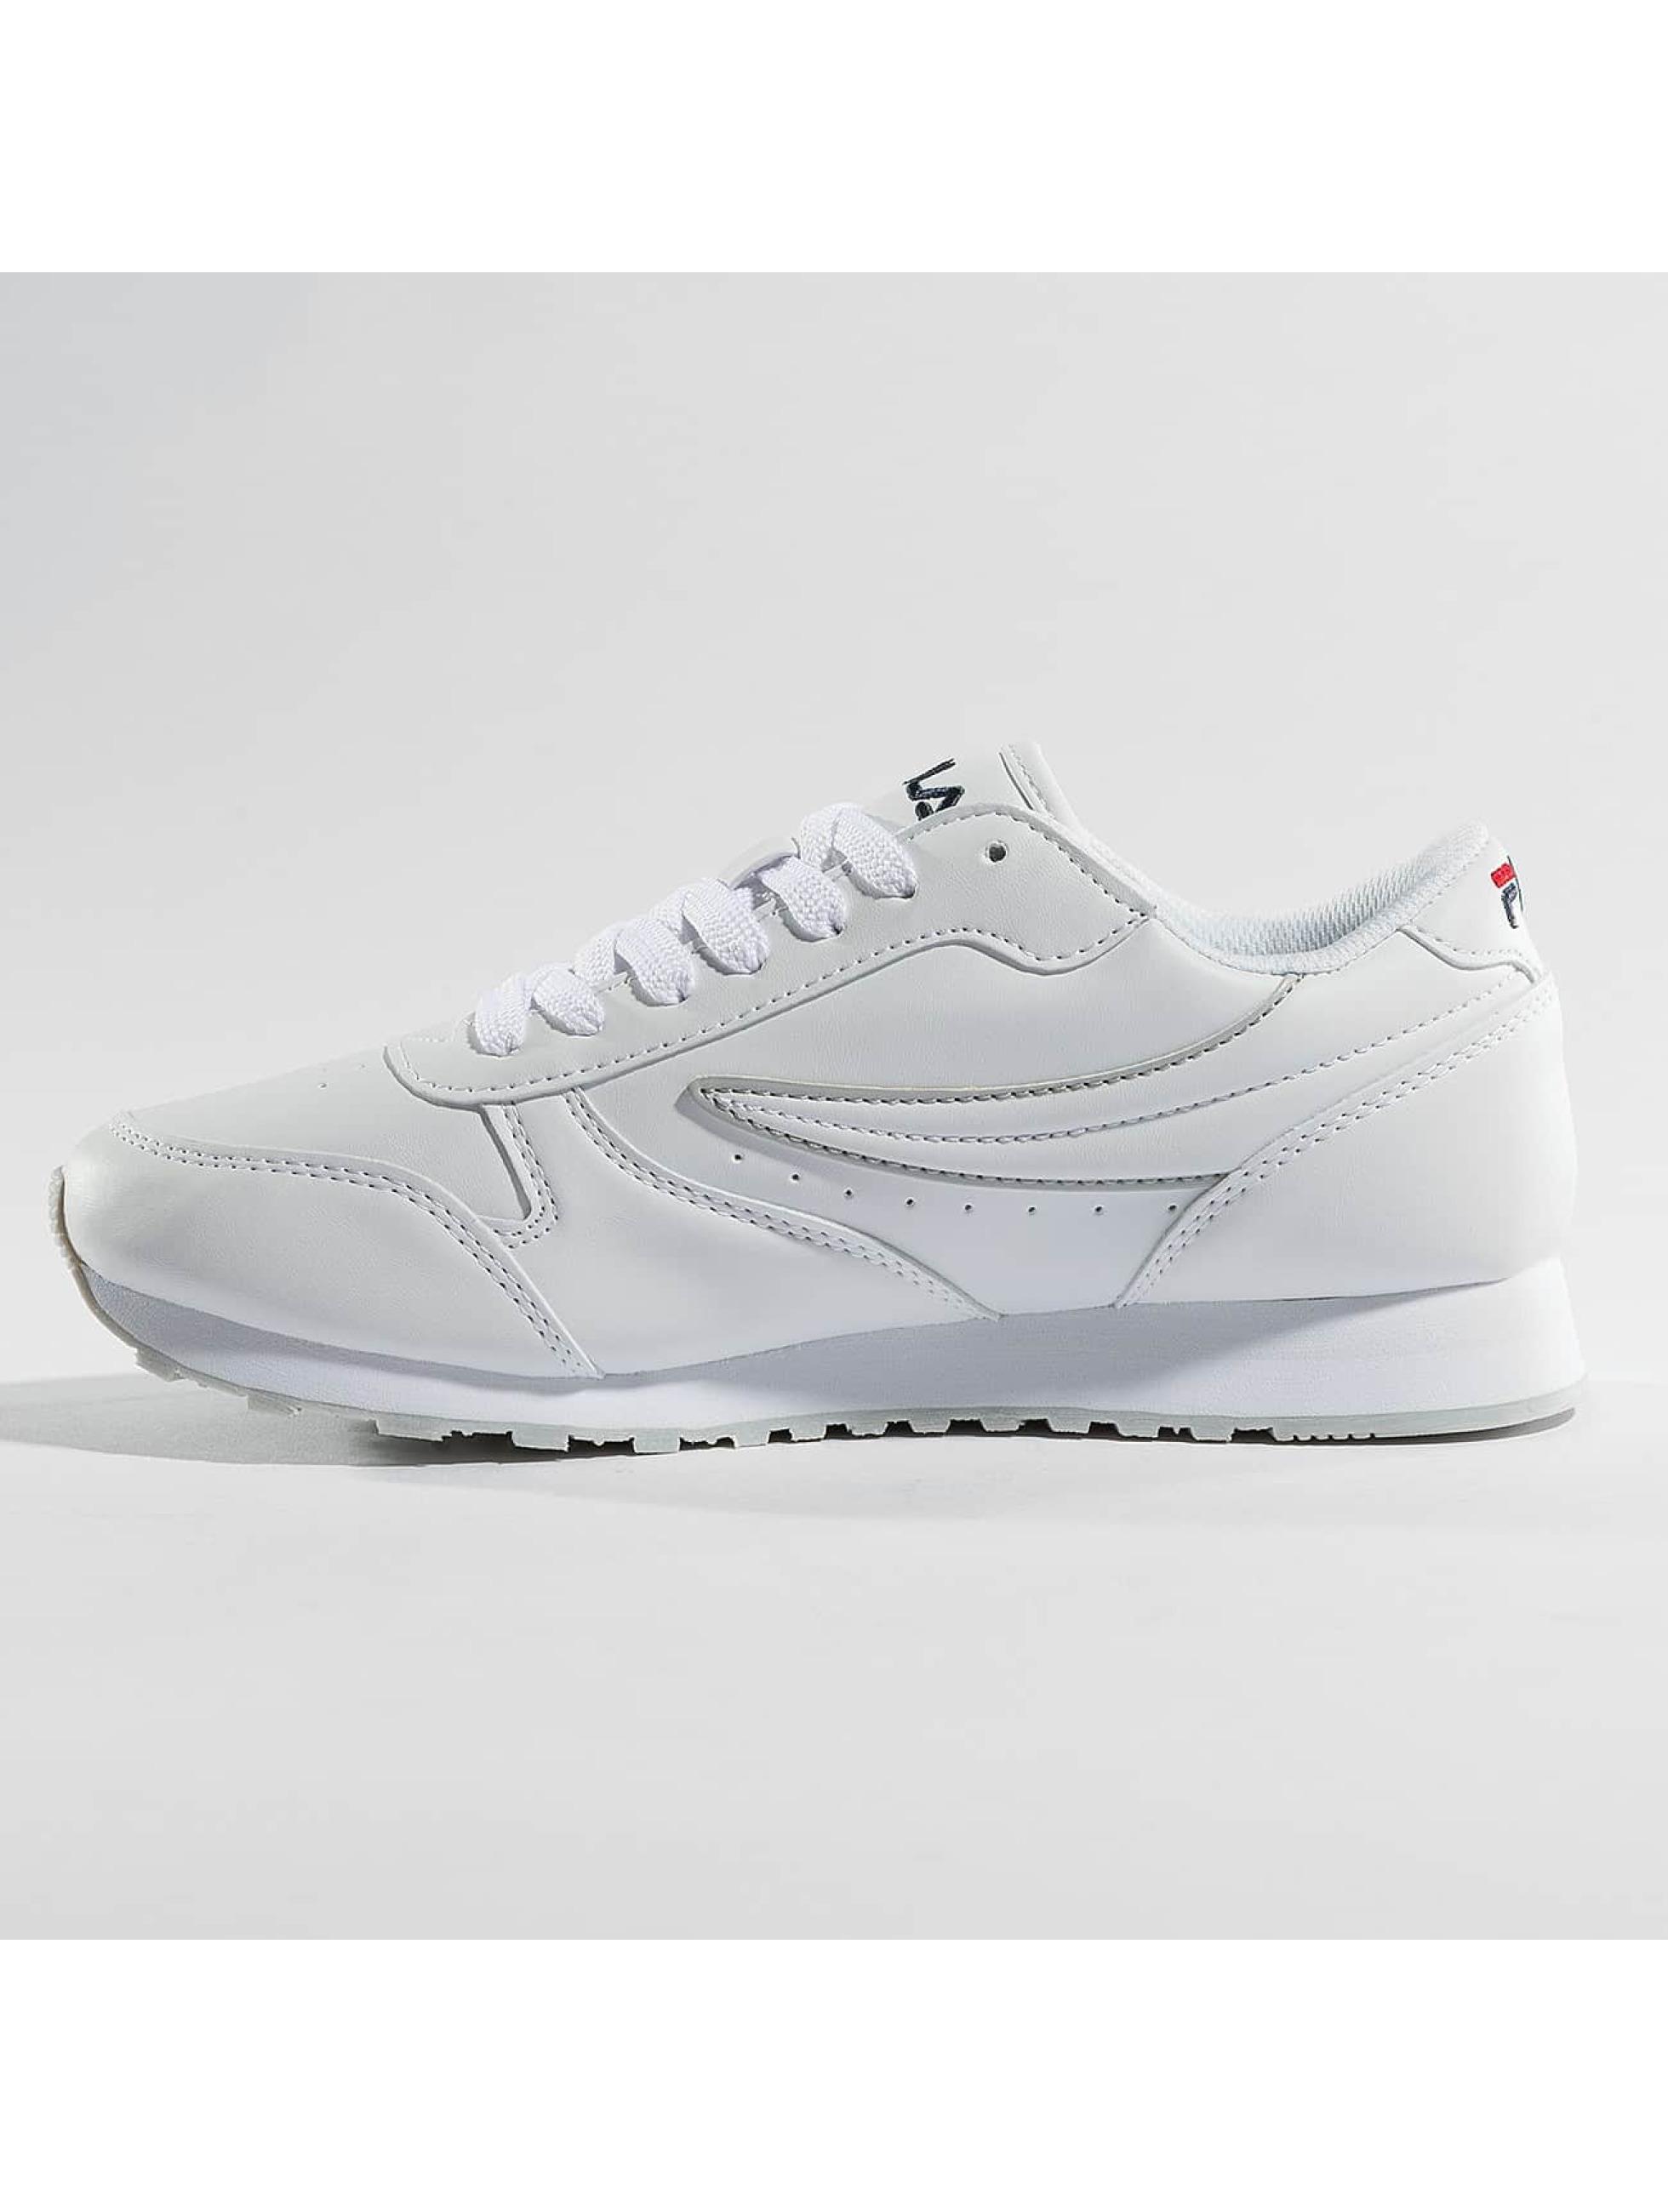 FILA Sneakers Orbit Low white